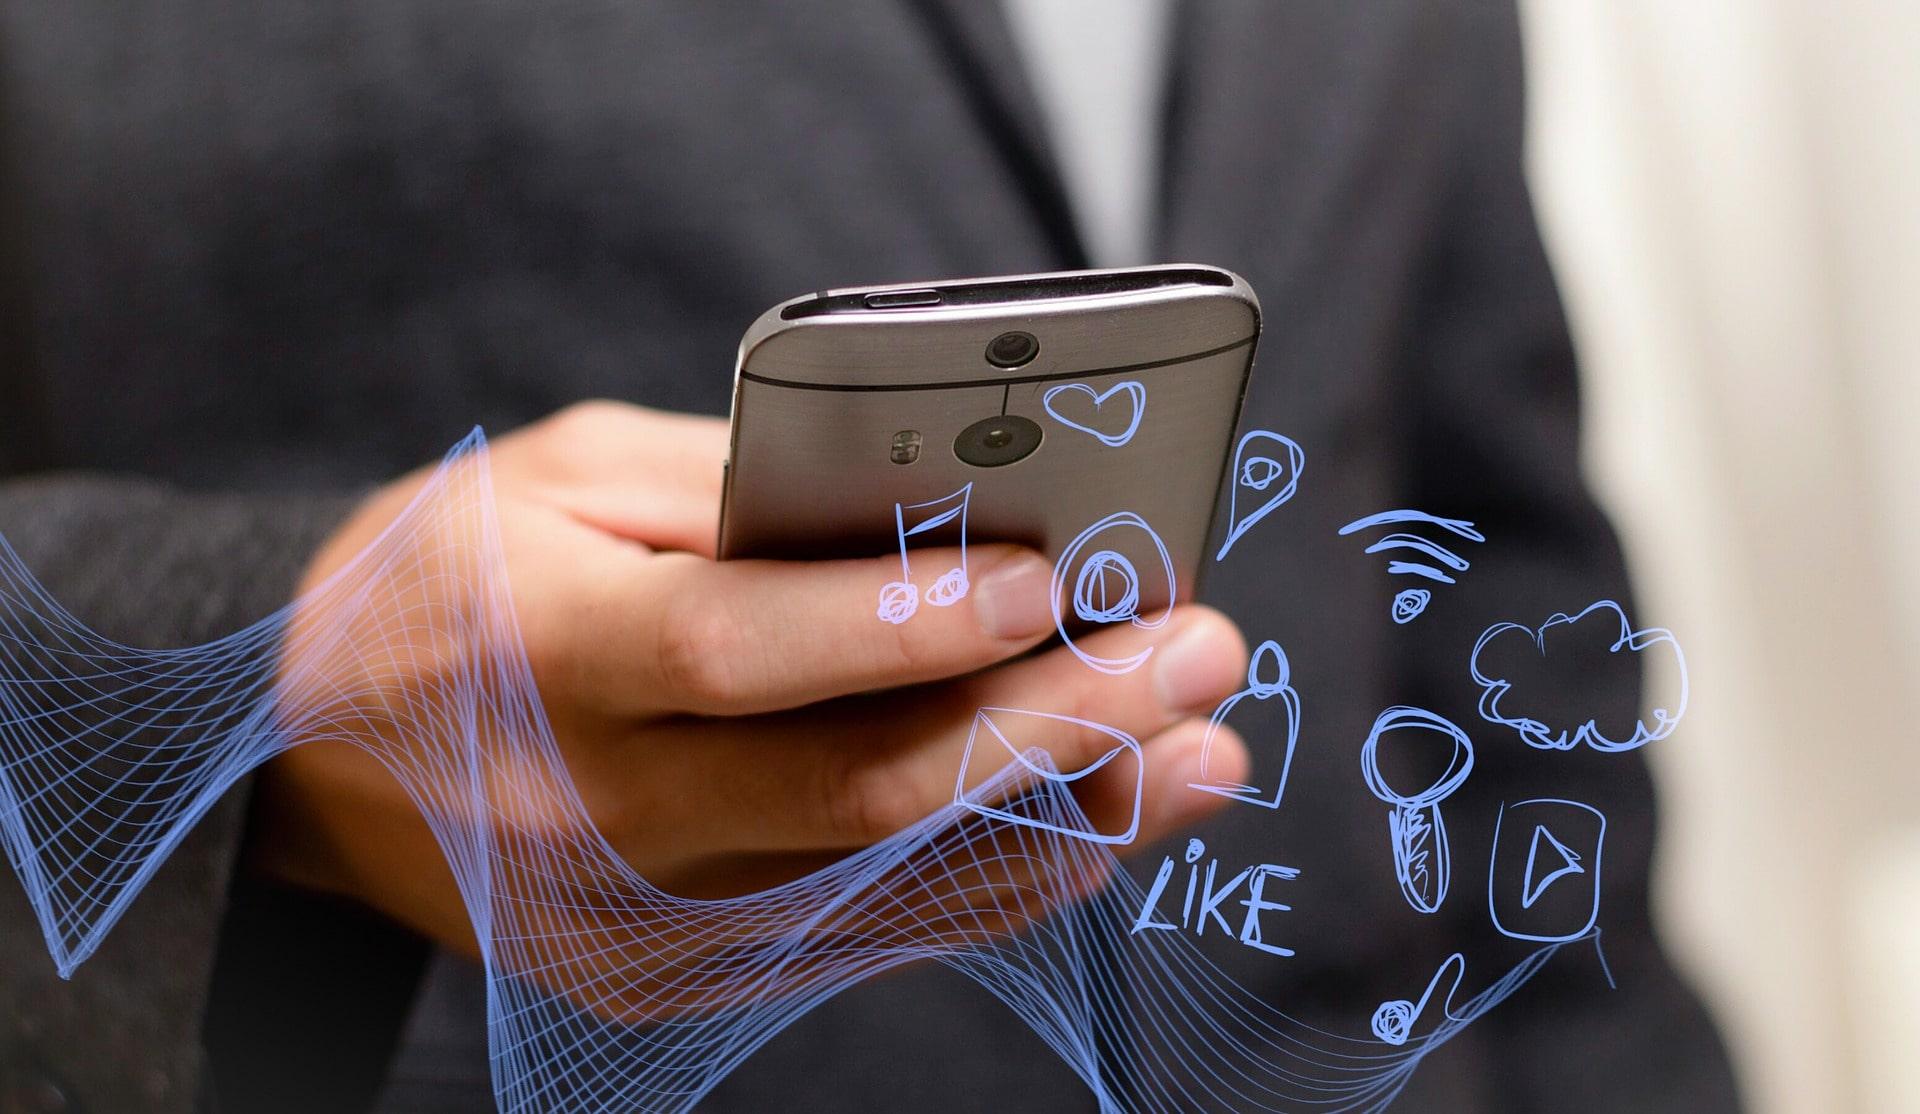 วิธีรักษาความปลอดภัยบนเครือข่าย Wi-Fi สาธารณะ